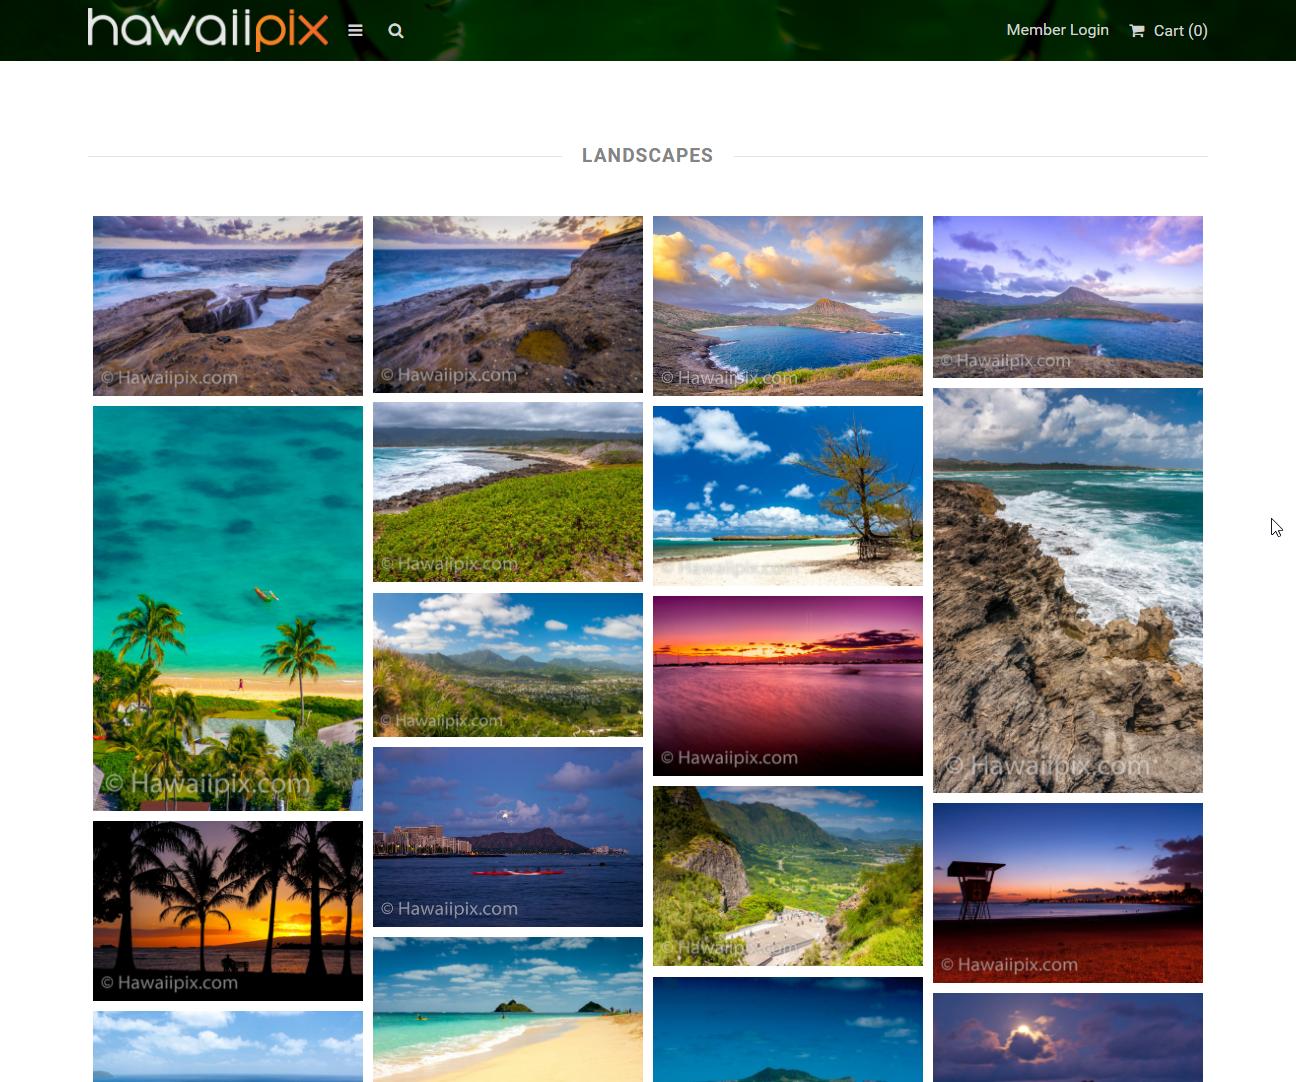 Hawaiipix Image Grid